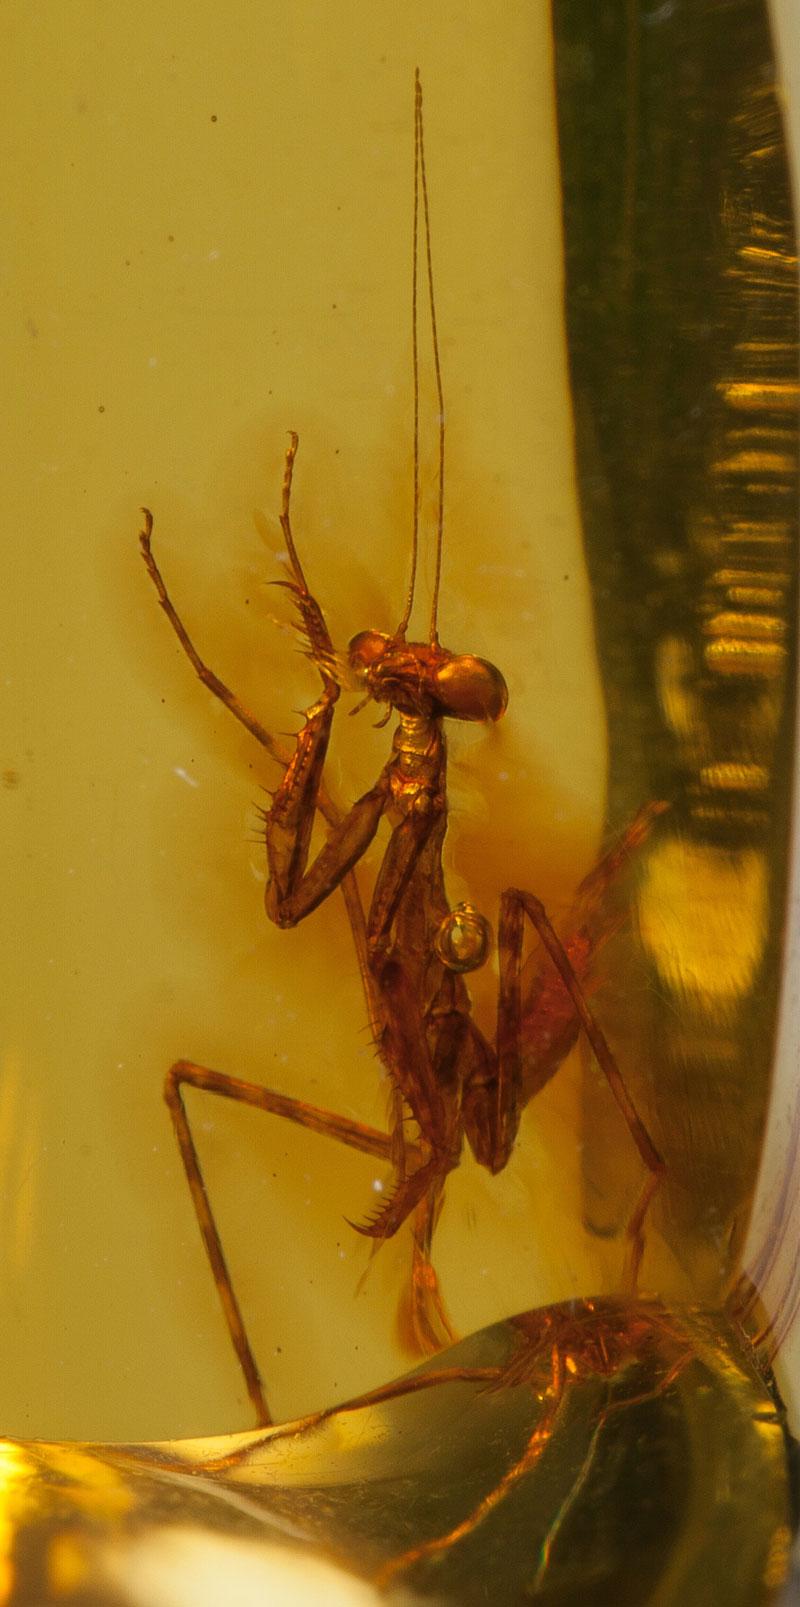 a 12 million year old praying mantis encased in amber 4 A 12 Million Year Old Praying Mantis Encased in Amber